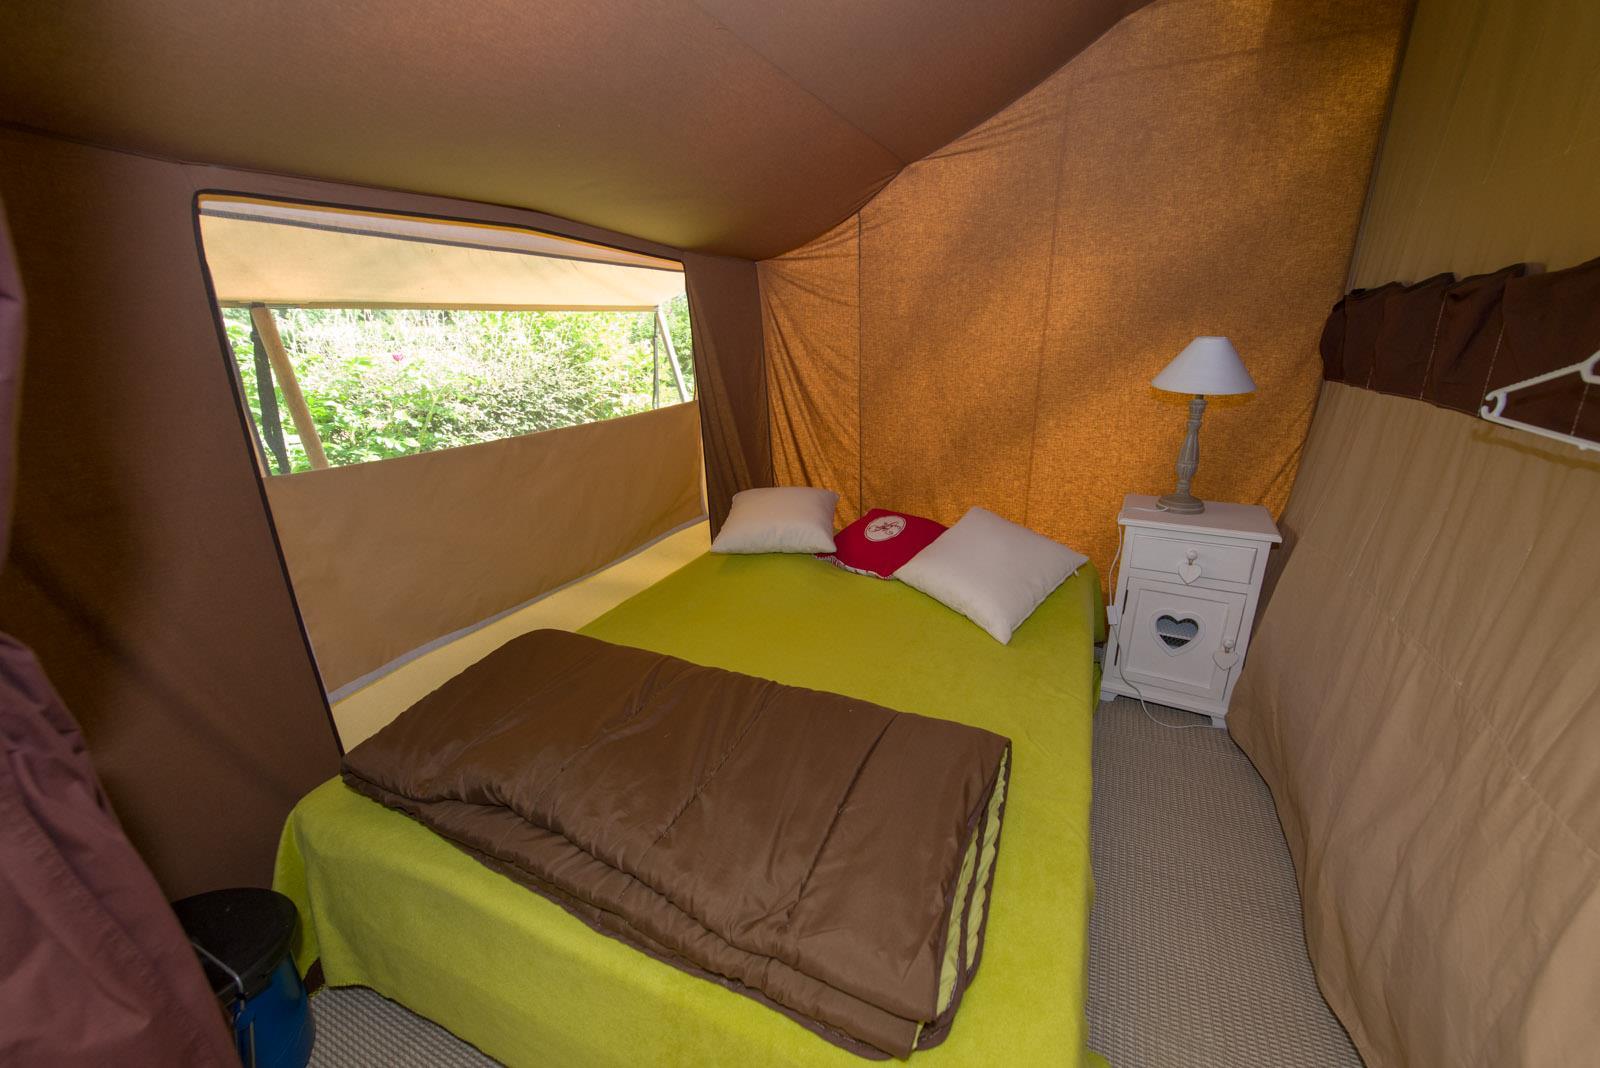 Location - Tente Cotton Lodge 20M² (2 Chambres) - Sans Sanitaires Privatifs - Camping Sites et Paysages Domaine de L'Étang